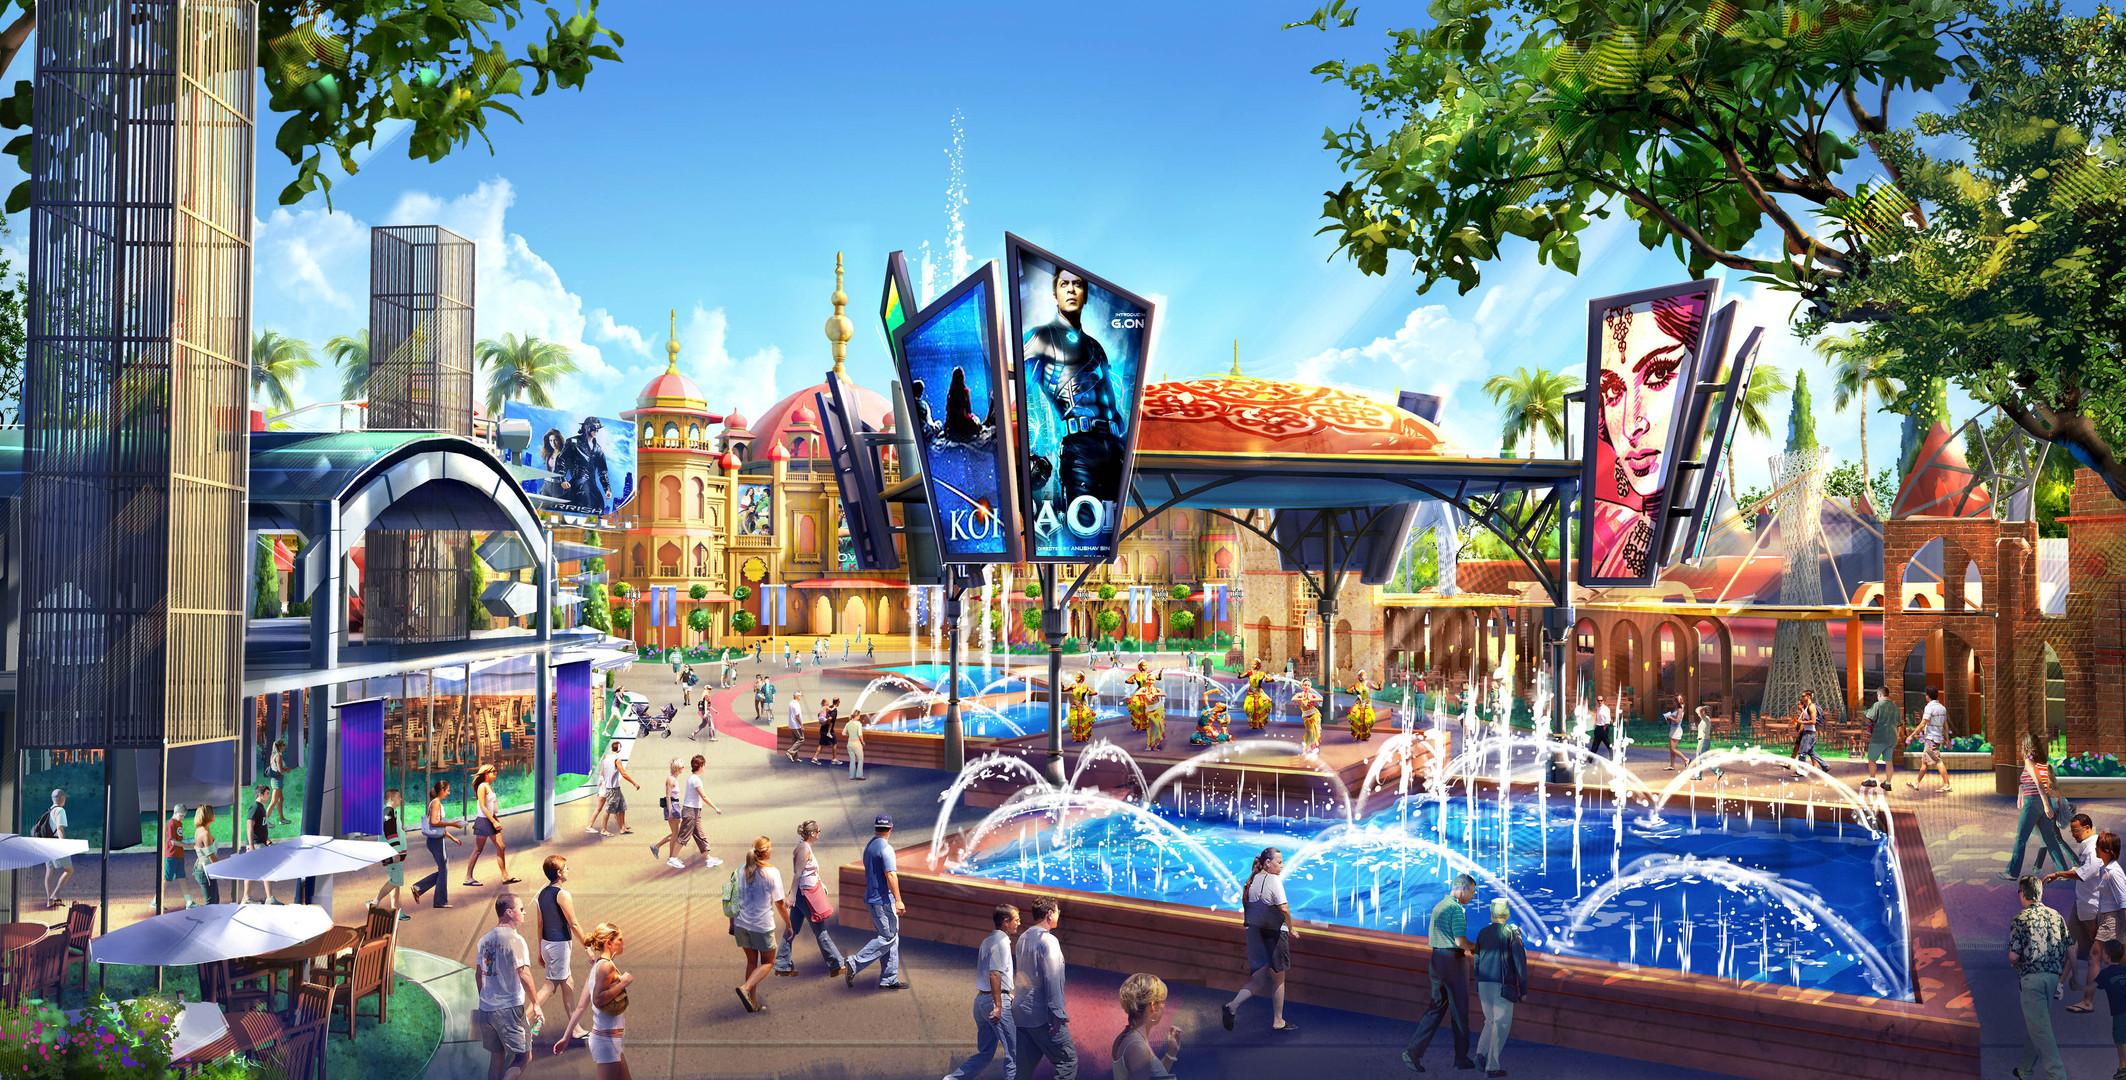 Dubai Parks - Bollywood-Plaza